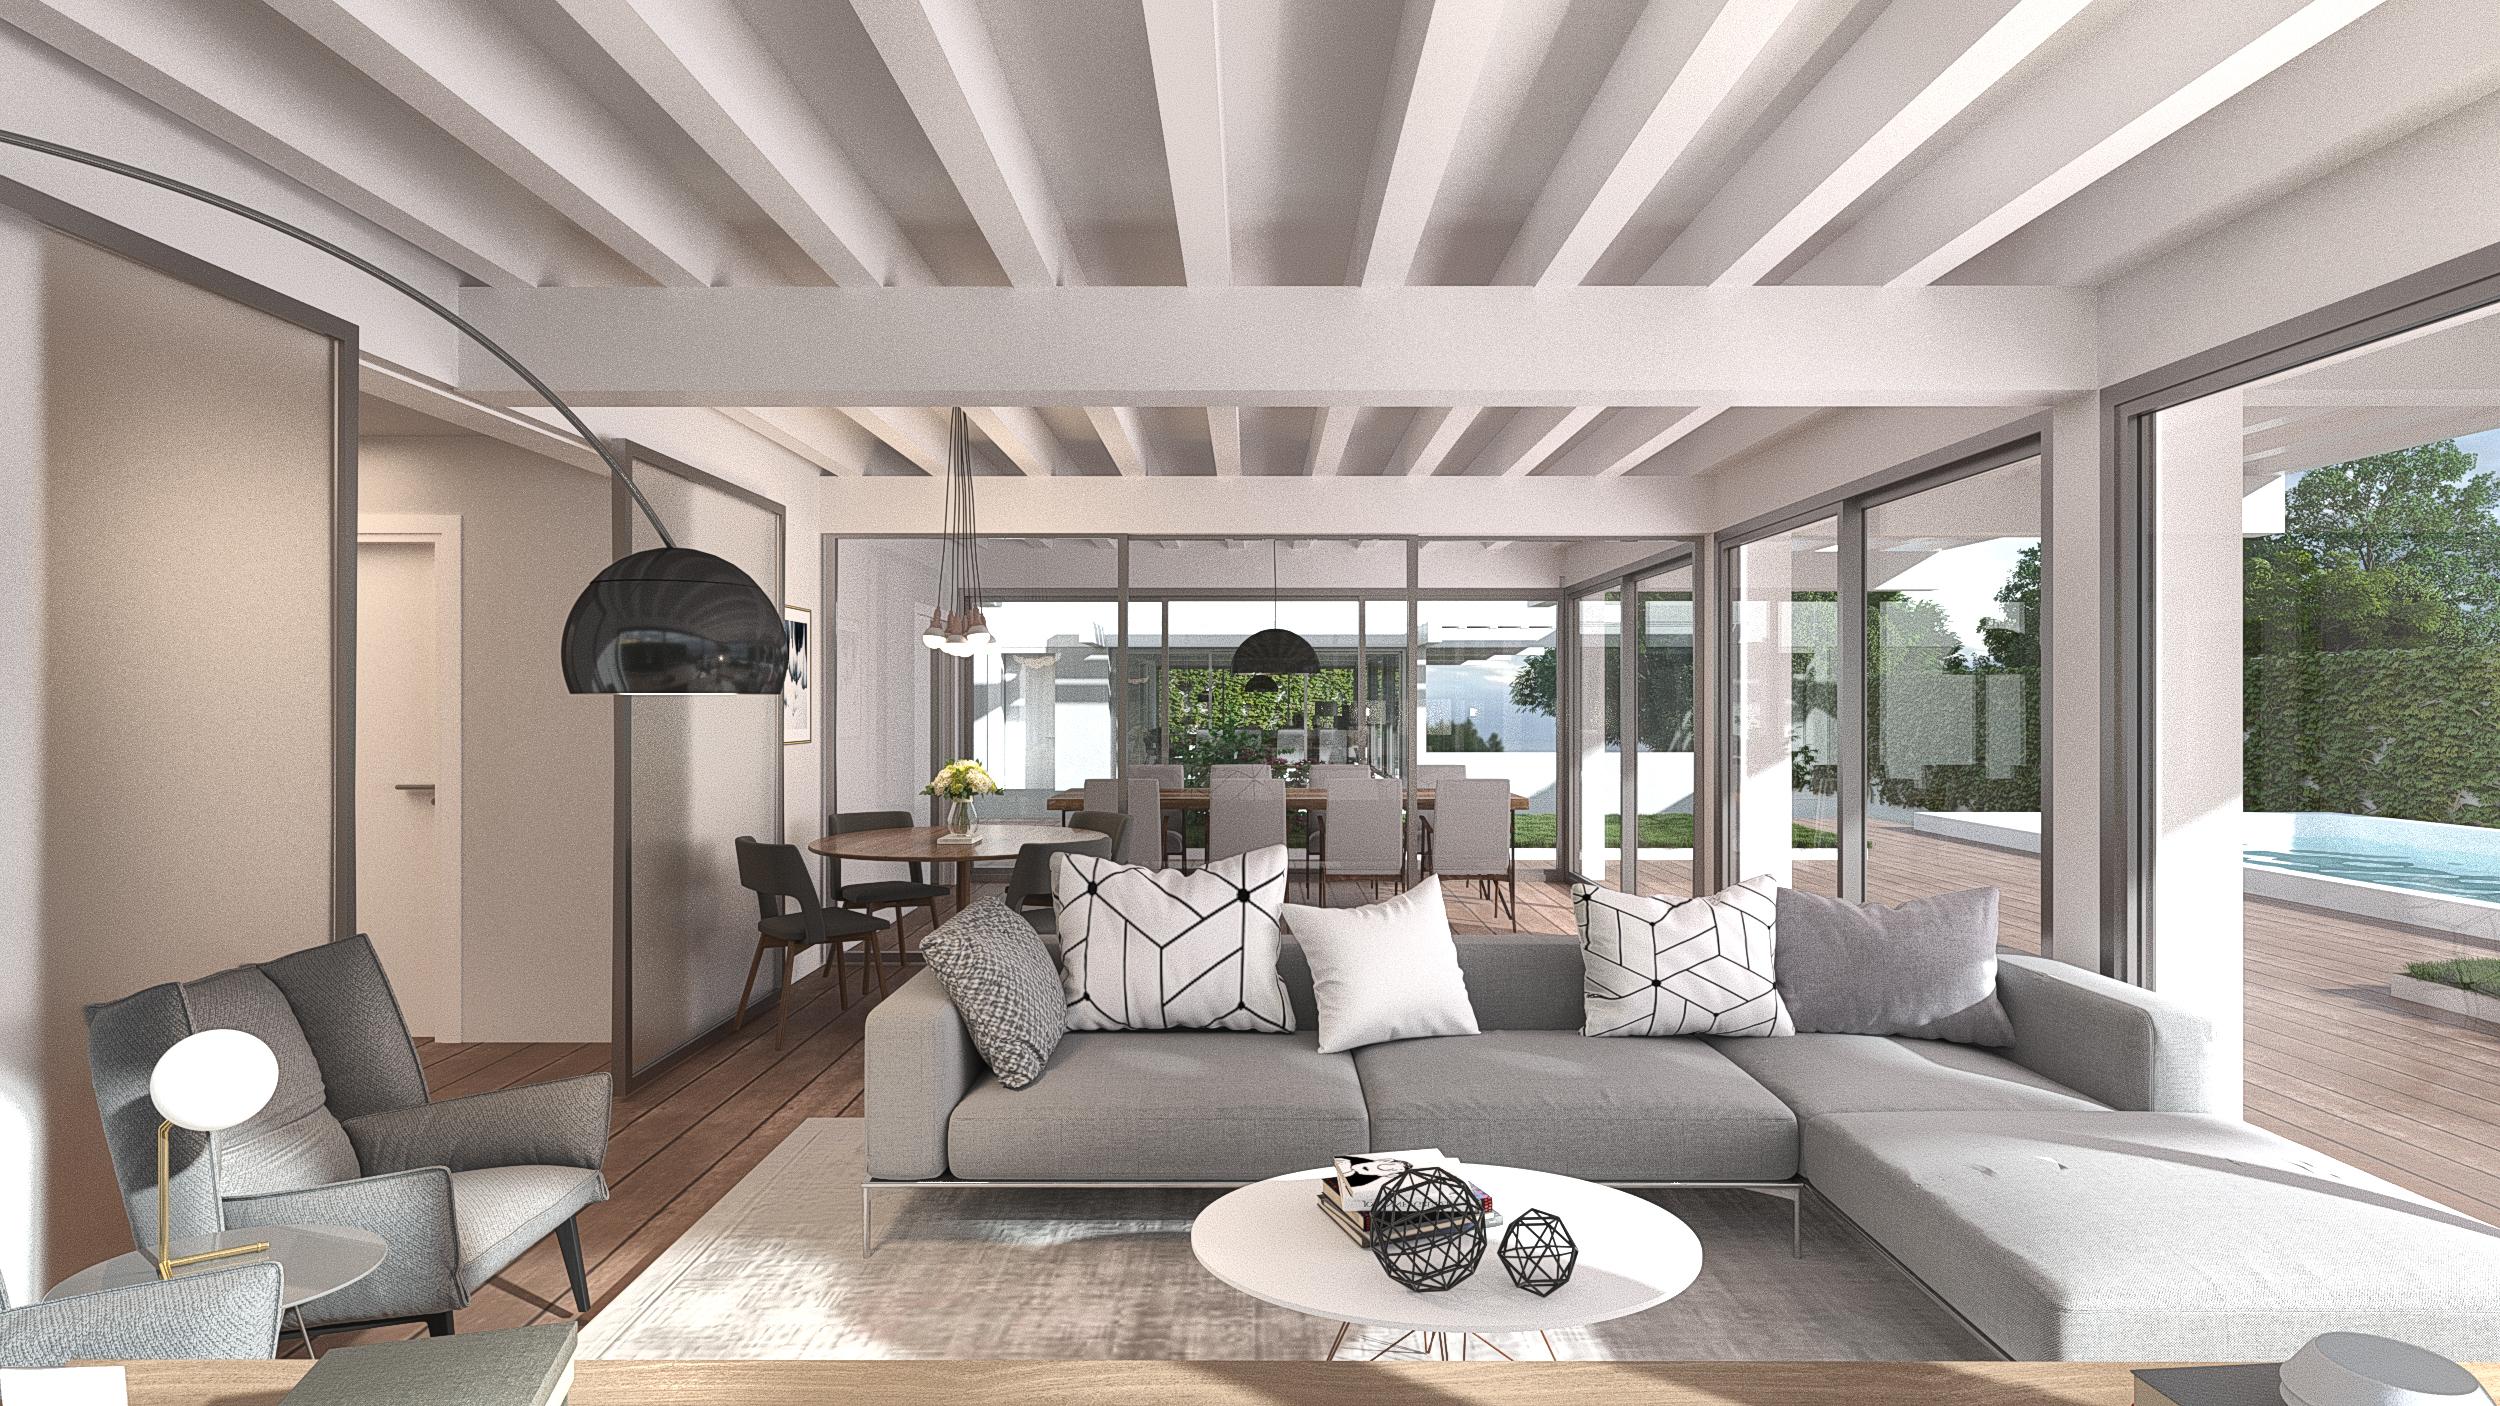 Interior v2